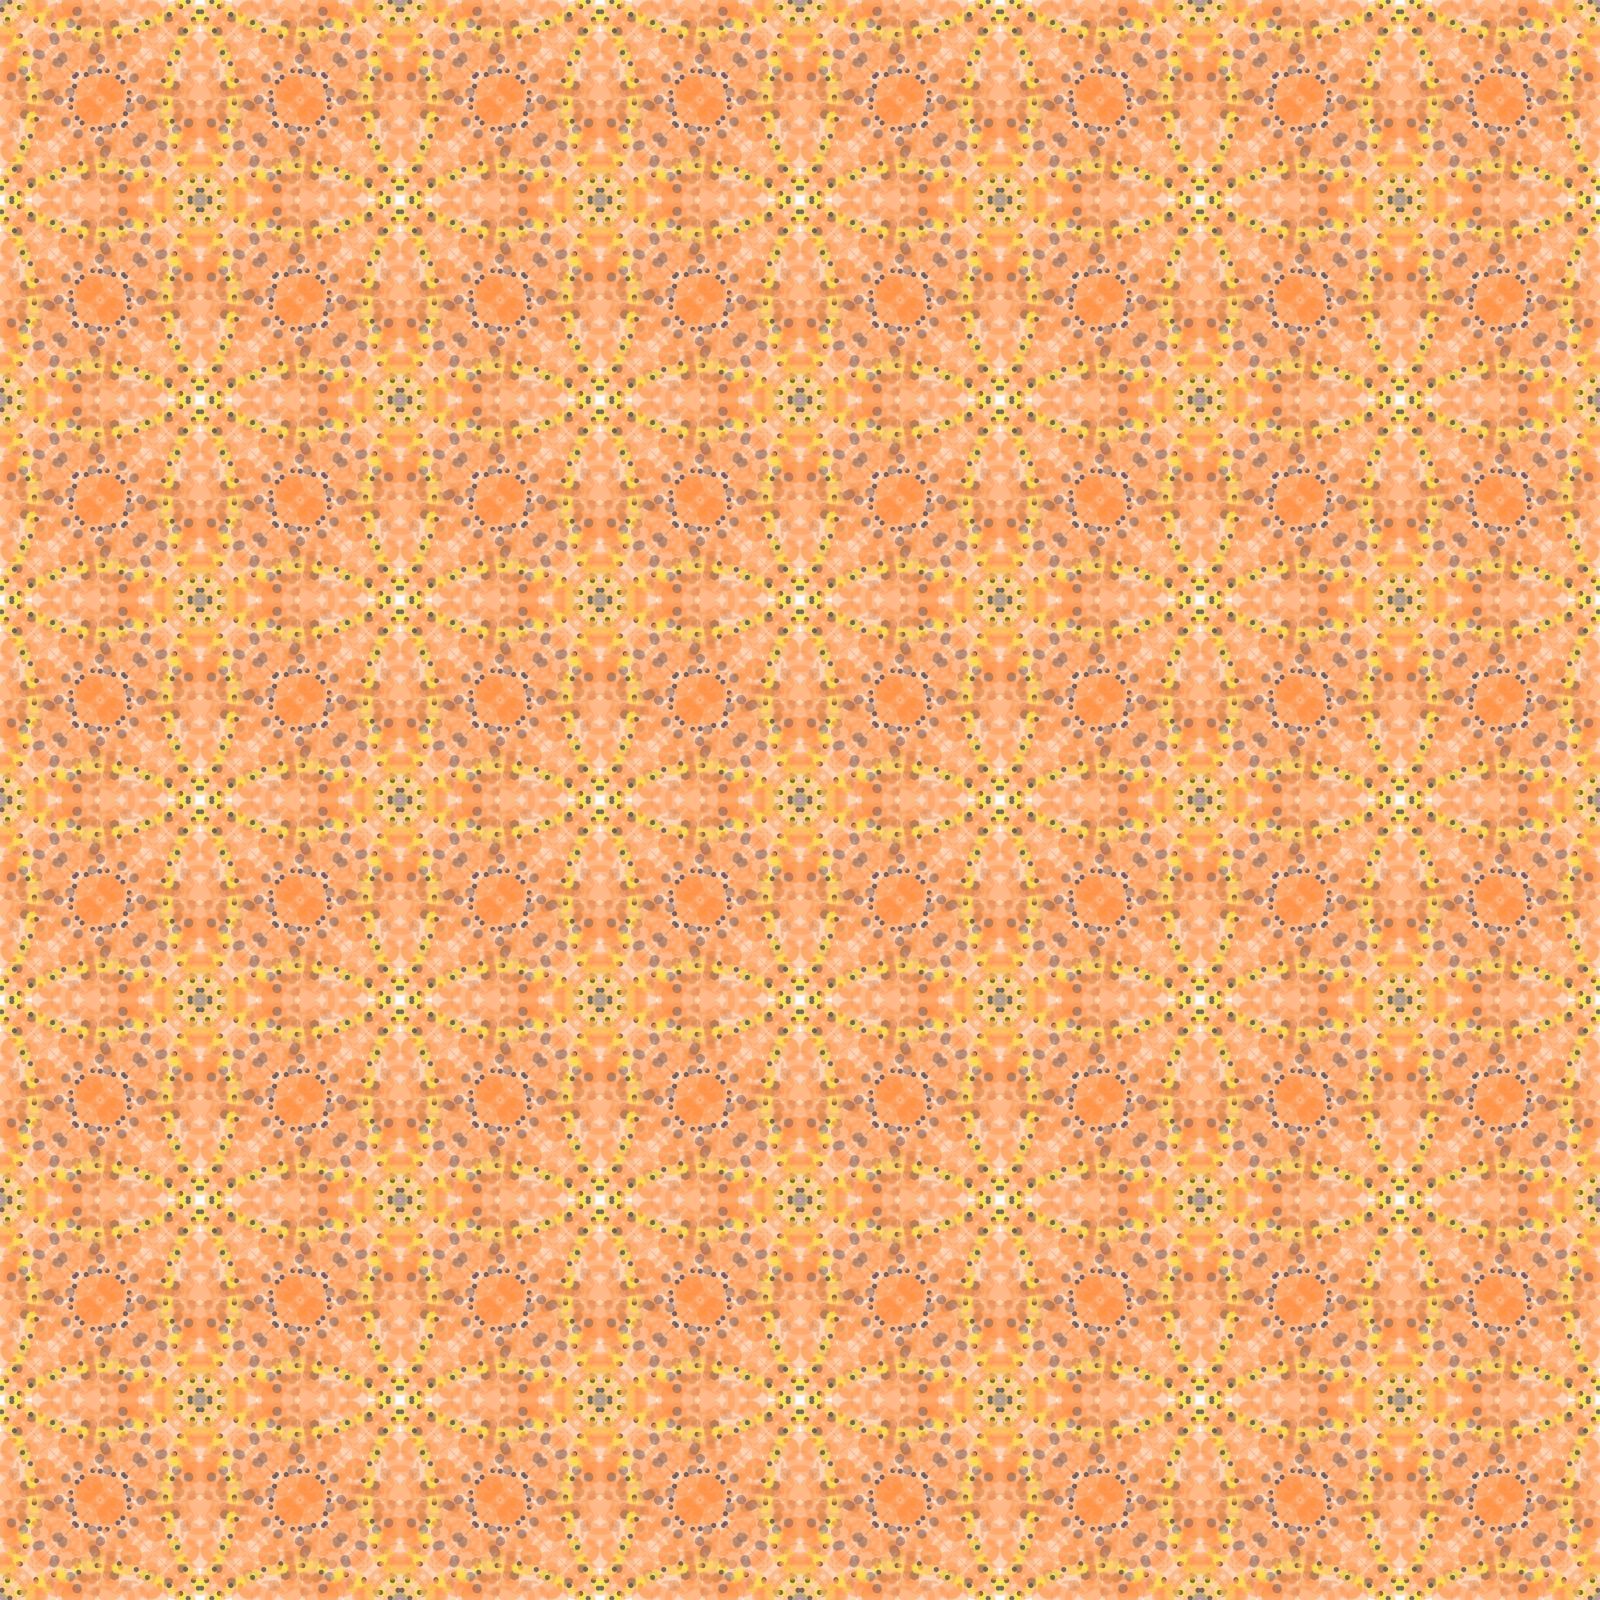 217_tiled